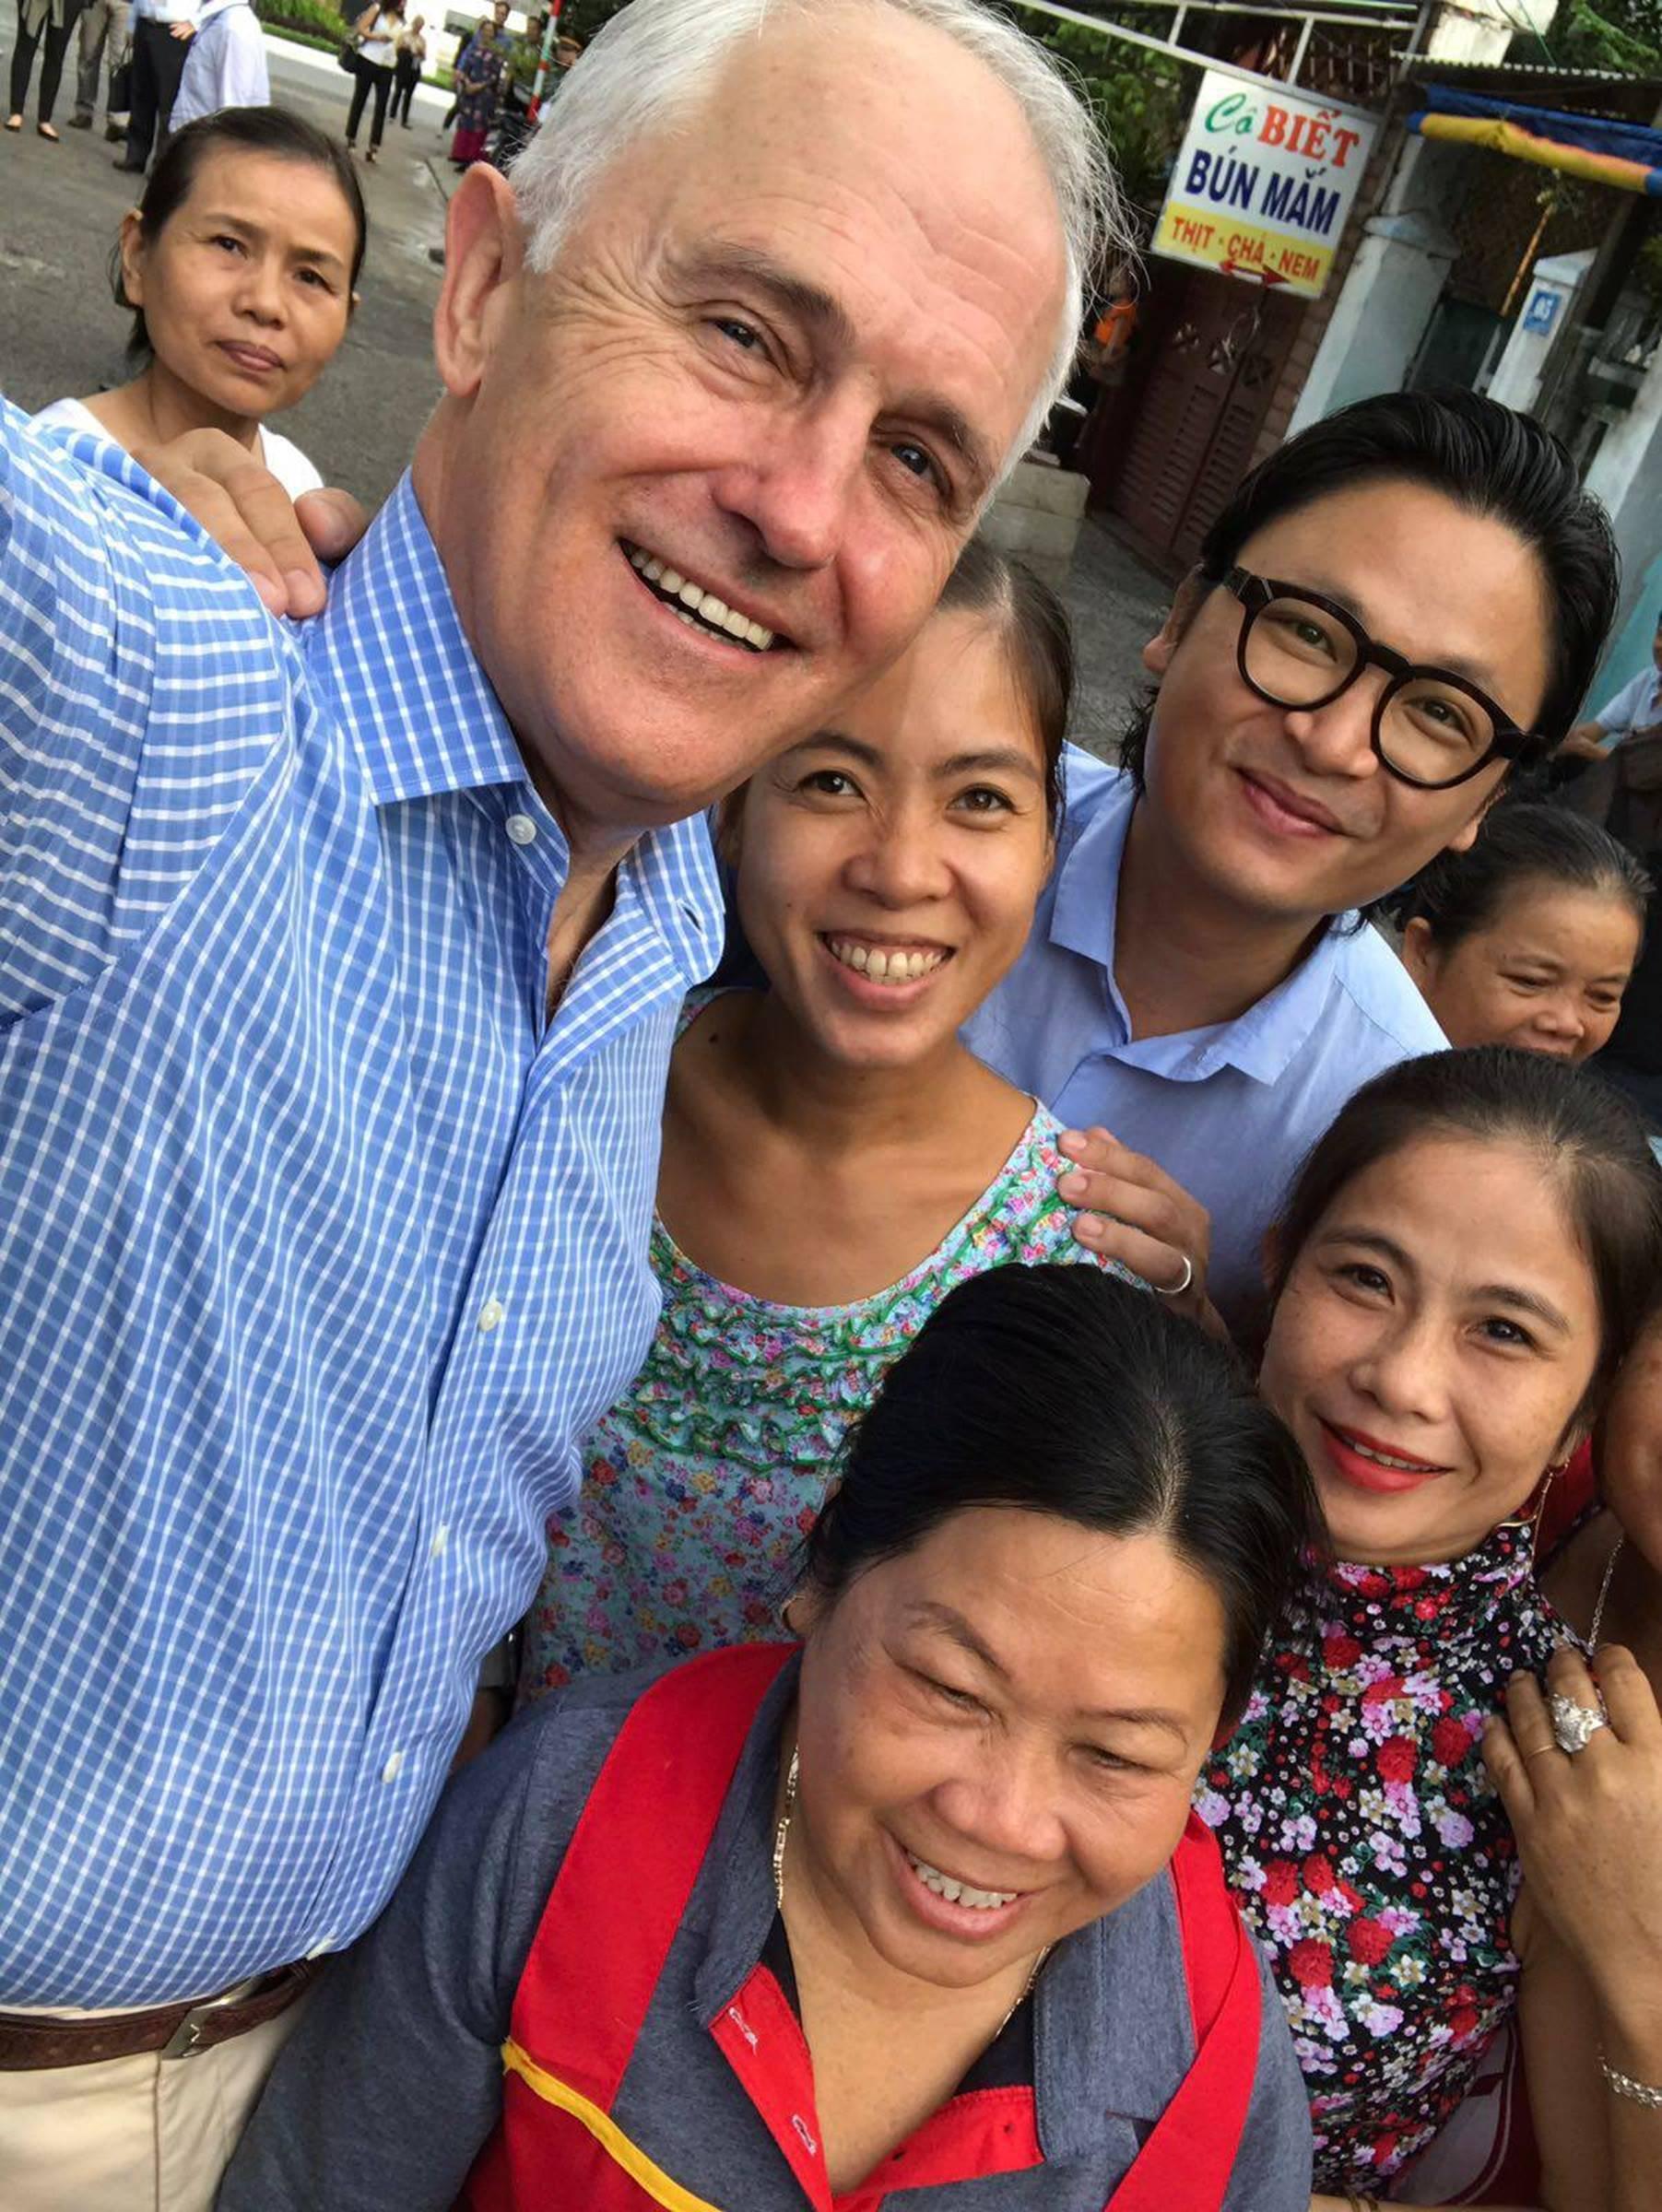 Hình ảnh bình dị của các nguyên thủ quốc gia trong chuyến công du đến Việt Nam: Chơi đàn bầu, ăn bún chả, uống cà phê vỉa hè-5